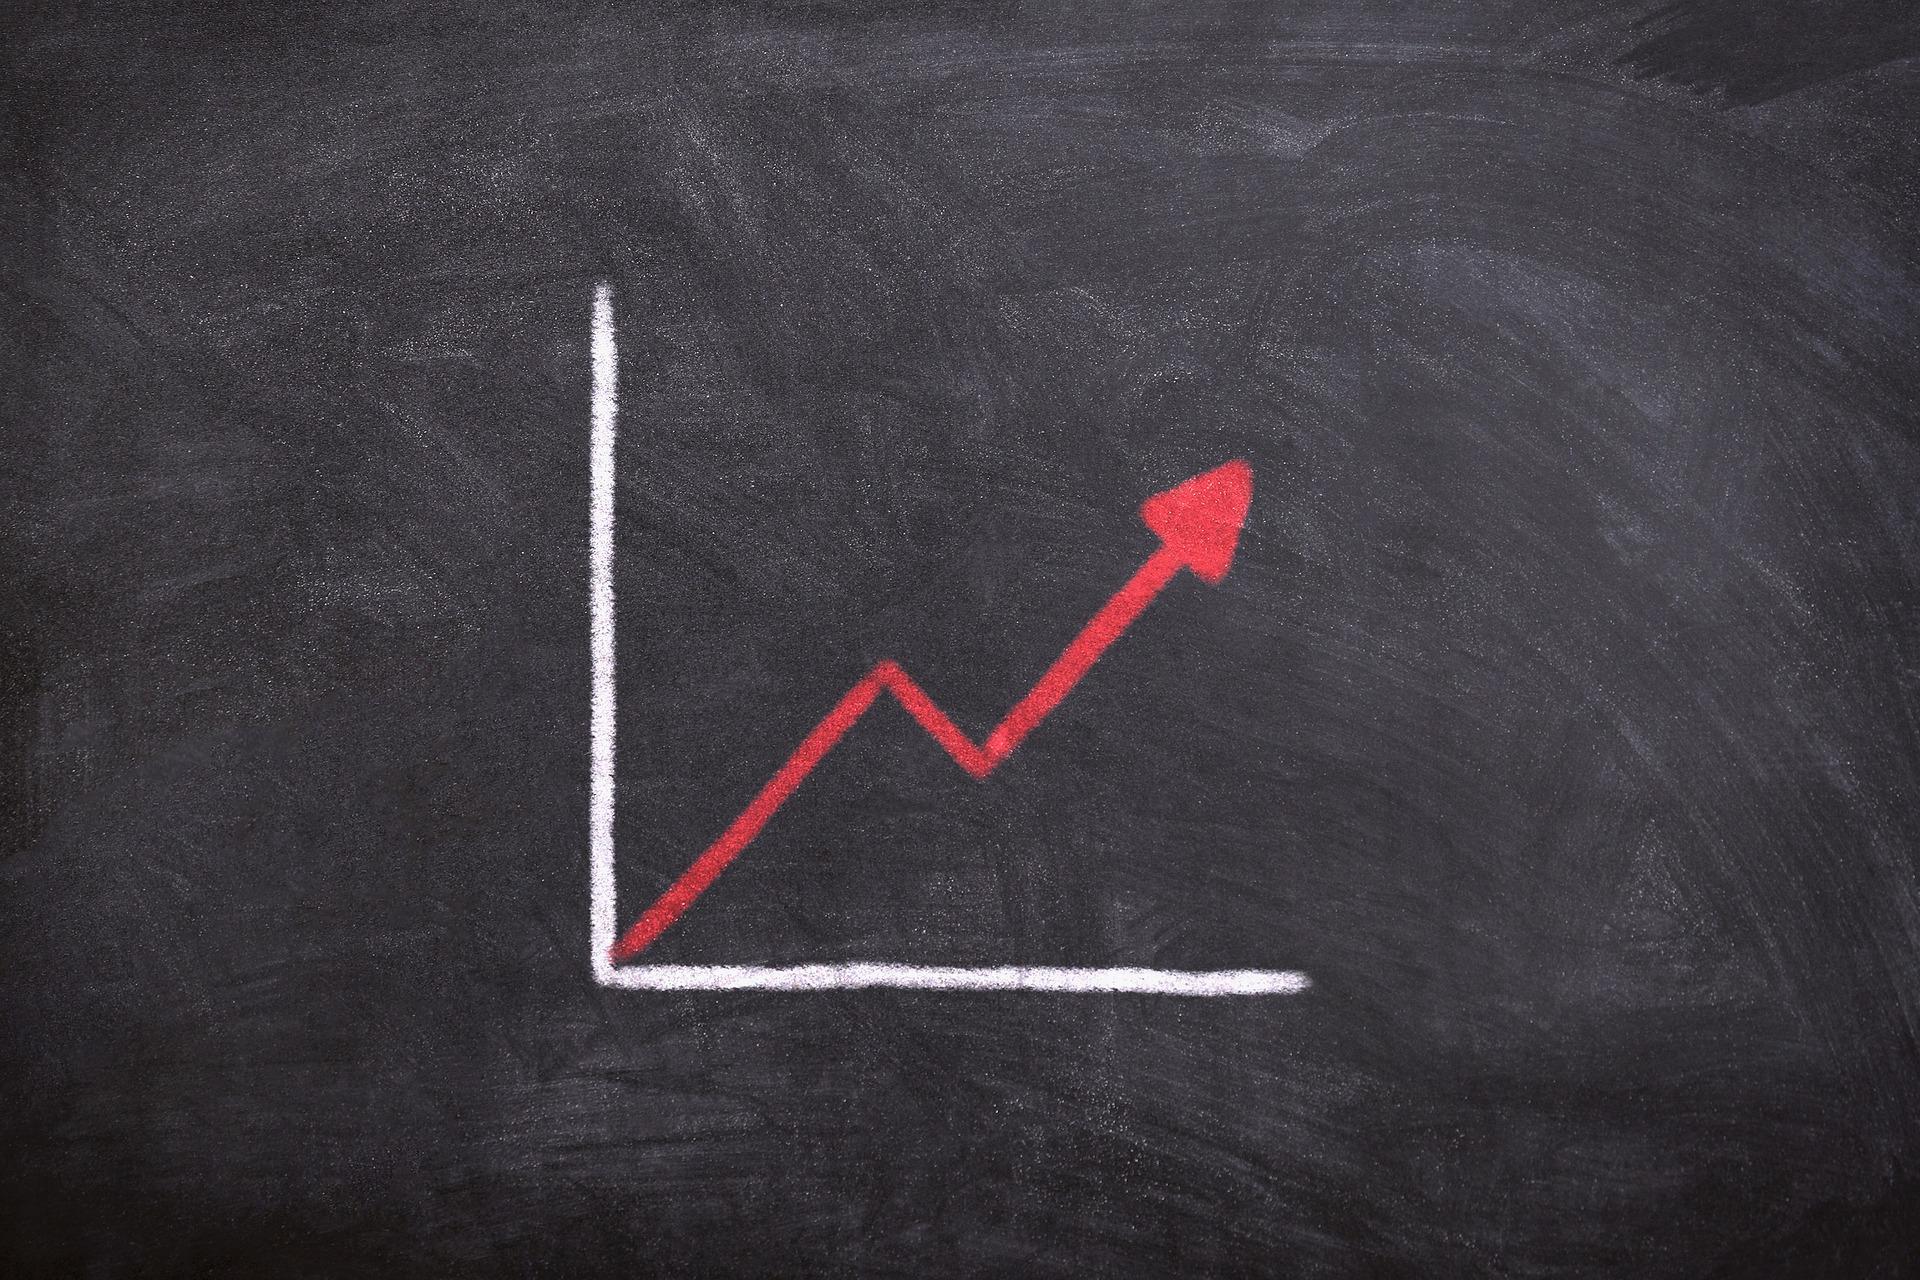 Szkolenia marketing internetowy – dla kogo i po co?